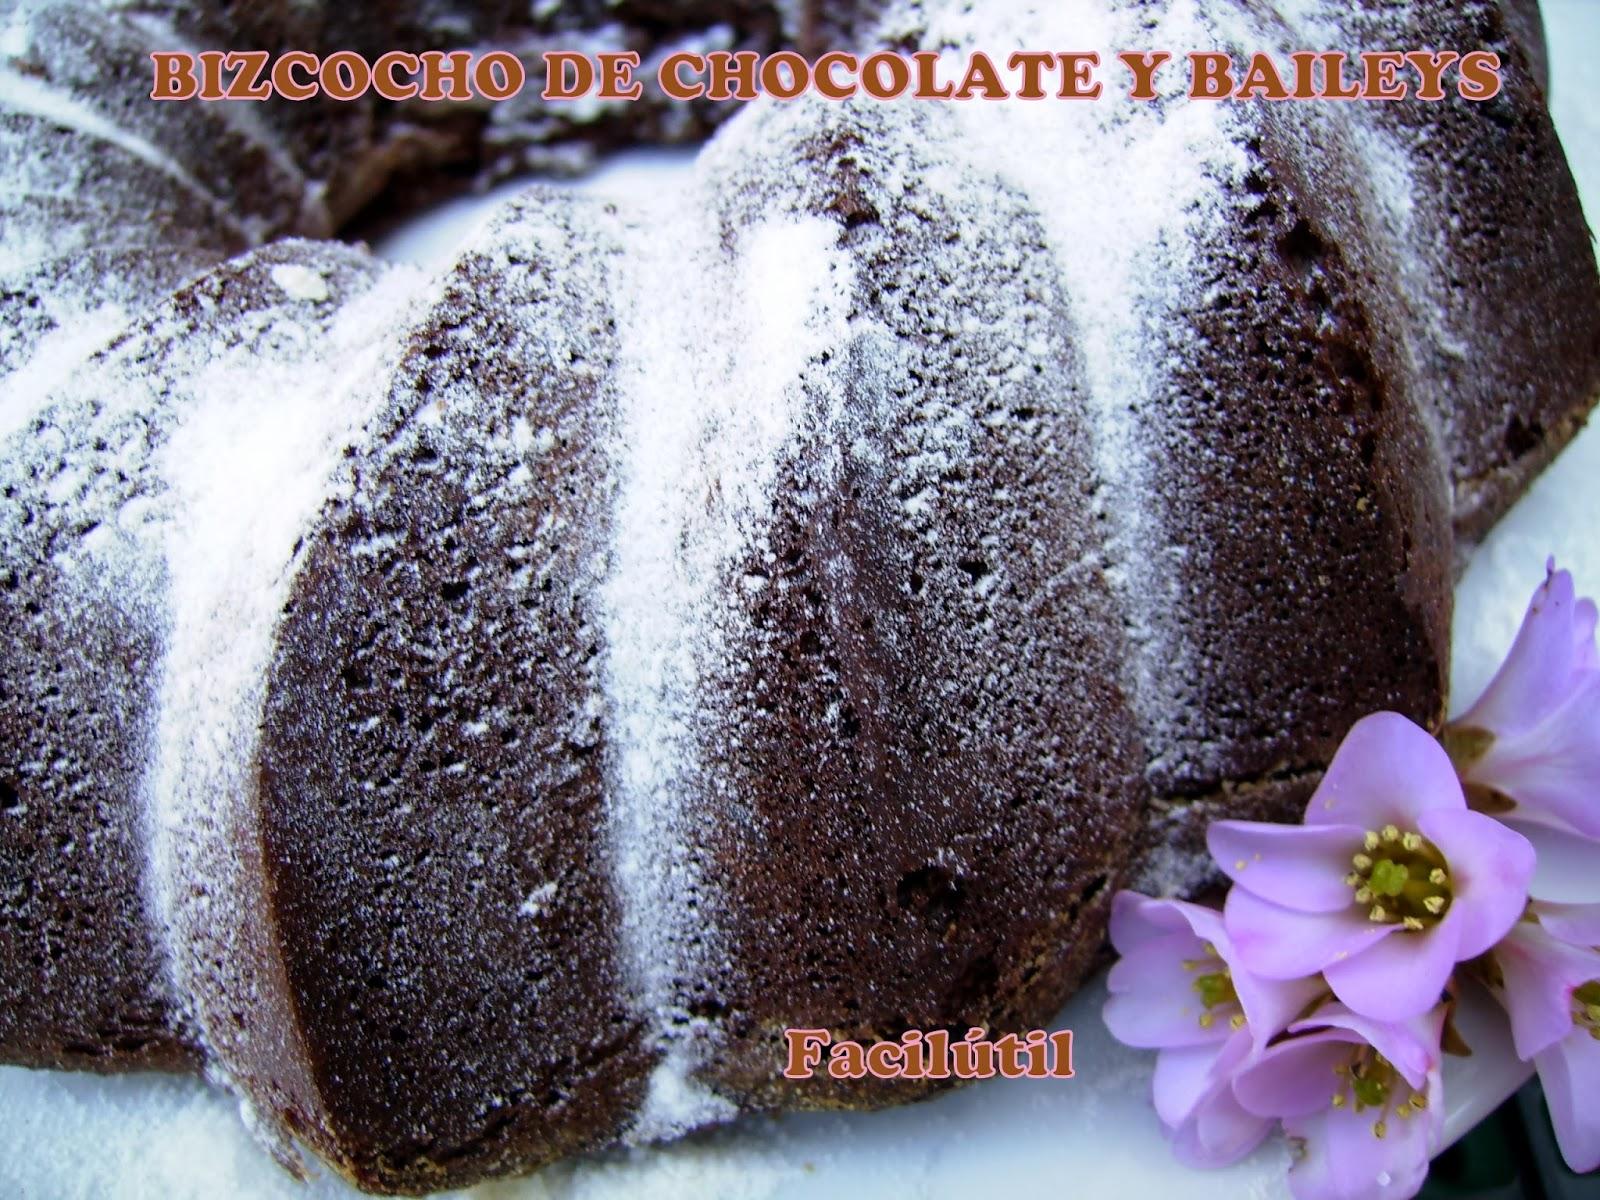 bizcocho-de-chocolate-y-baileys